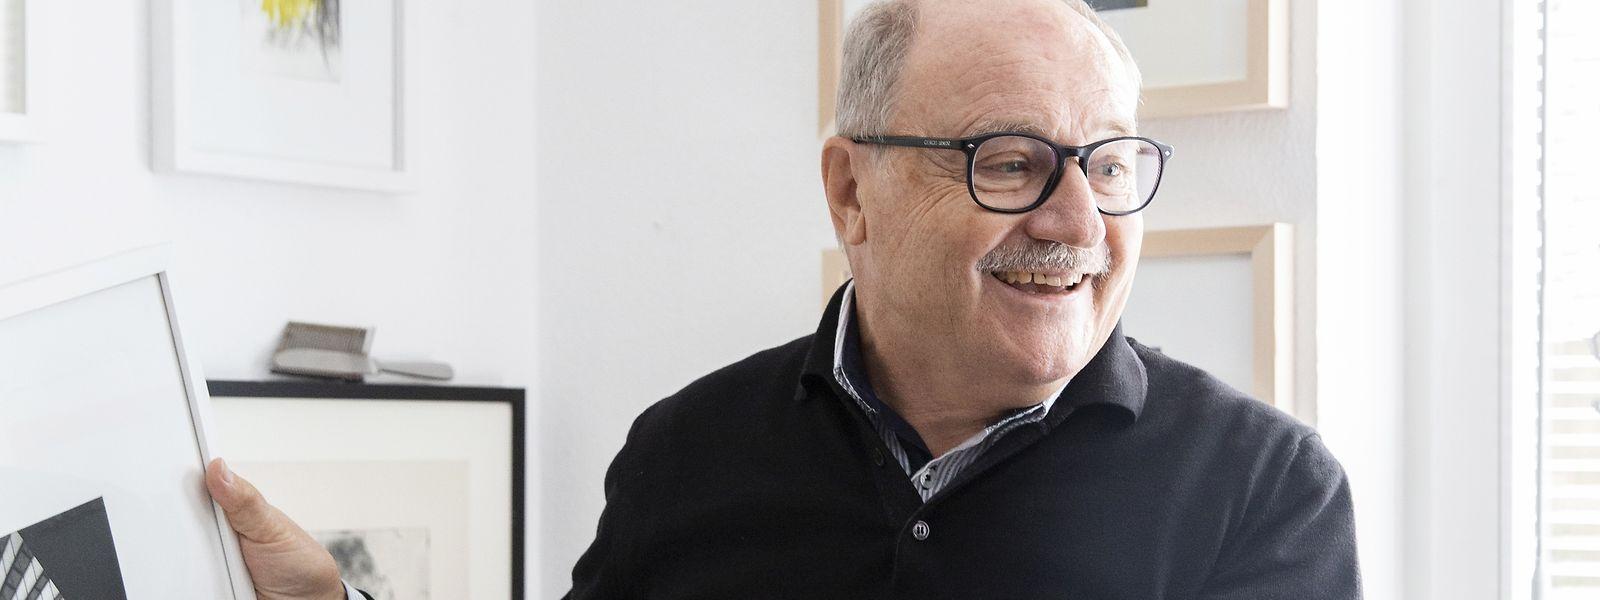 """Der ehemalige Bankier Franz Ruf hat bei Roger Bertemes die Kunst der Radierung gelernt. """"Es ist der Mann, der mich aufs Pferd gesetzt hat."""""""